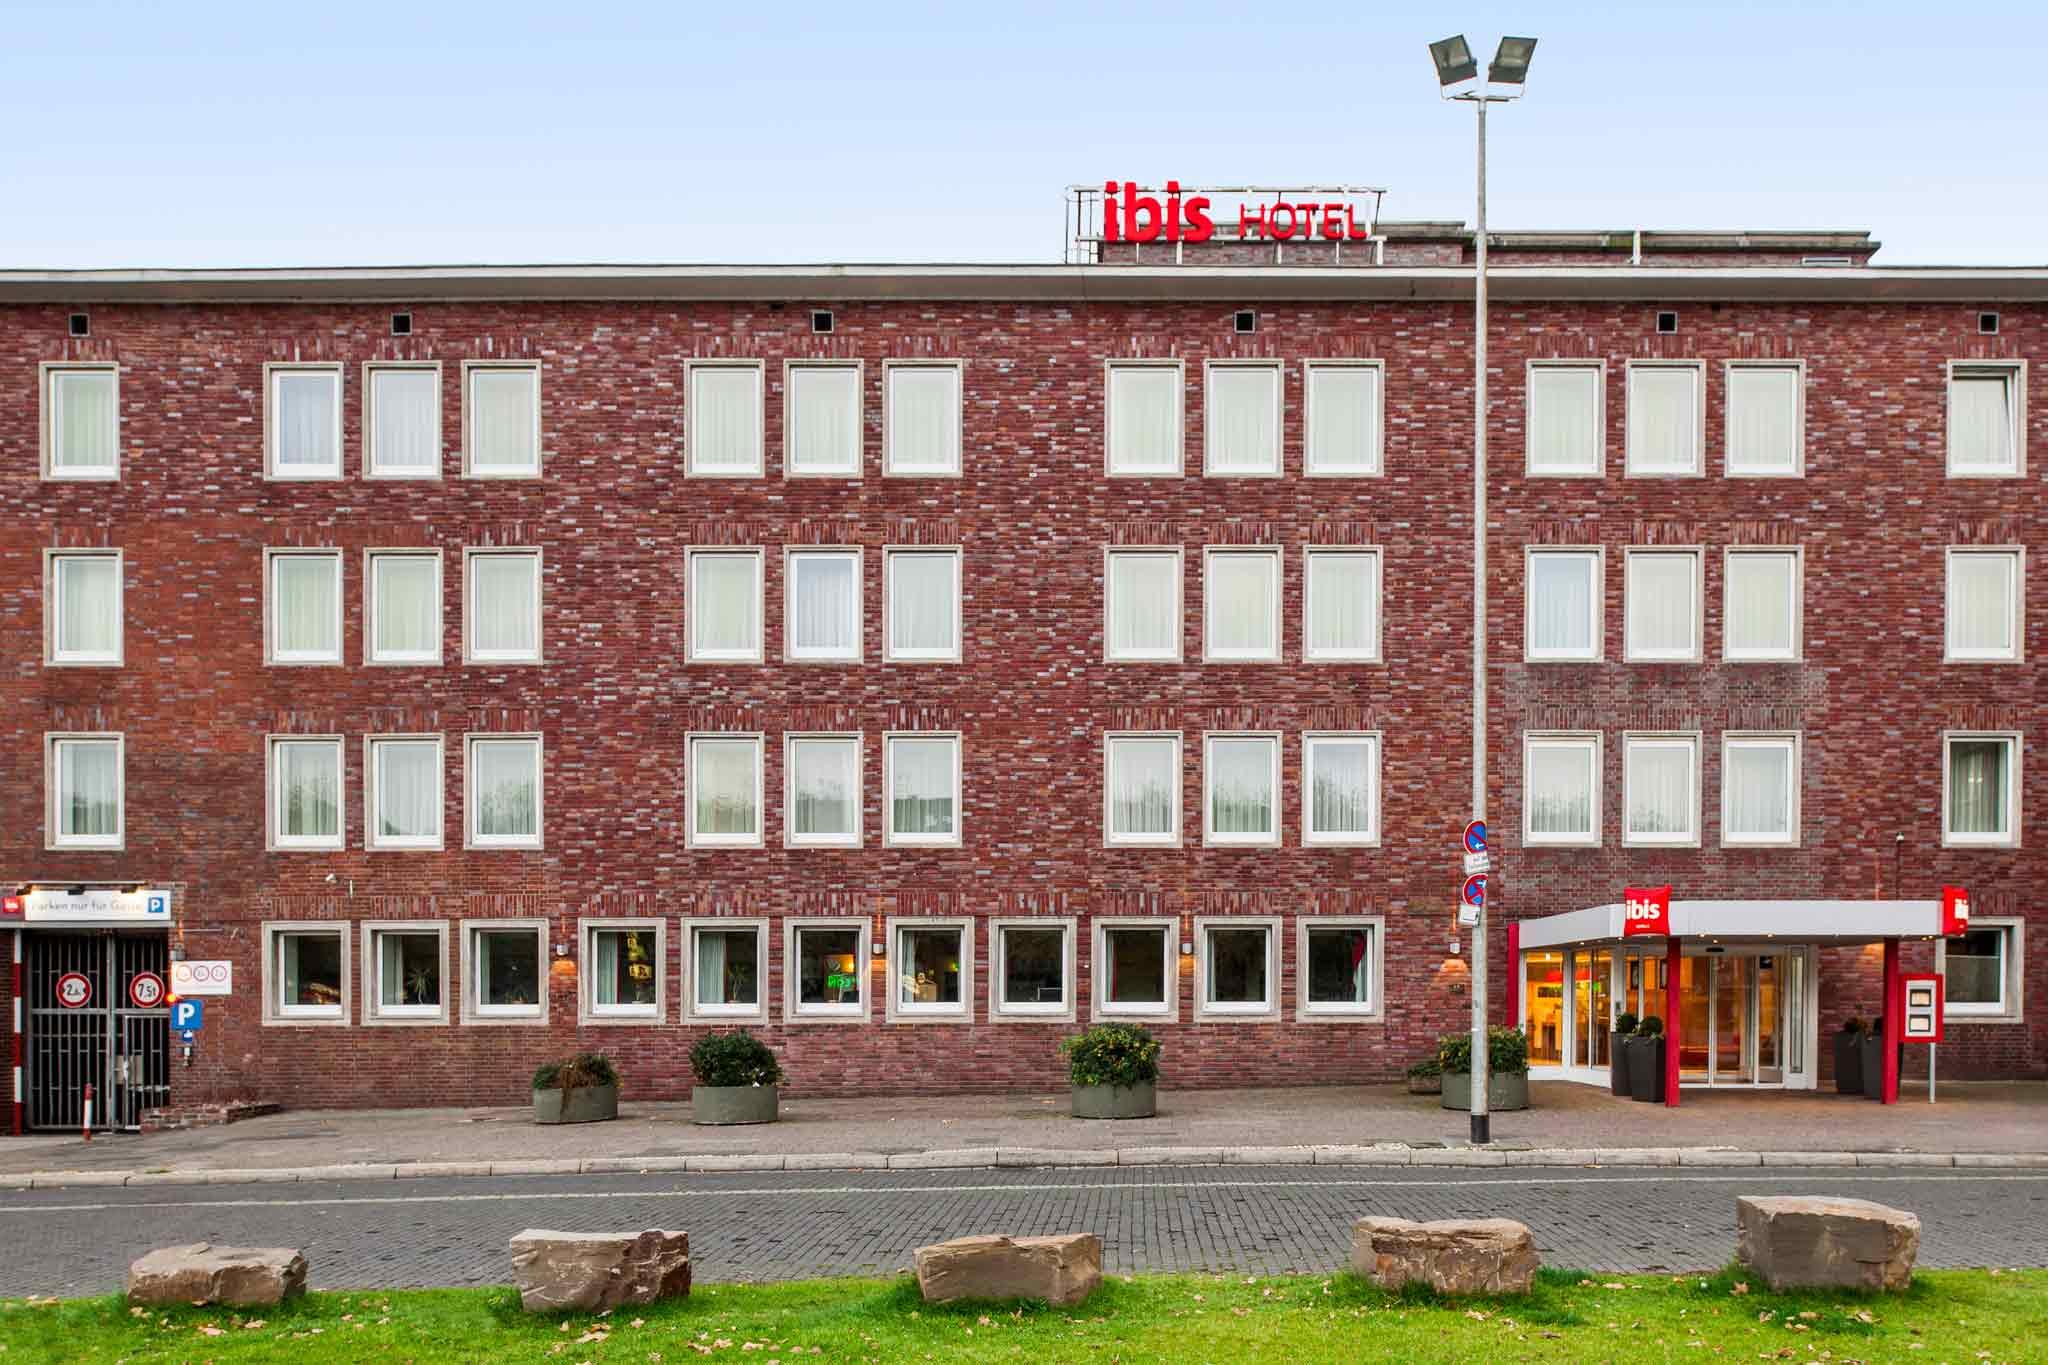 Hotel ibis Duisburg Hauptbahnhof Book online now Wifi